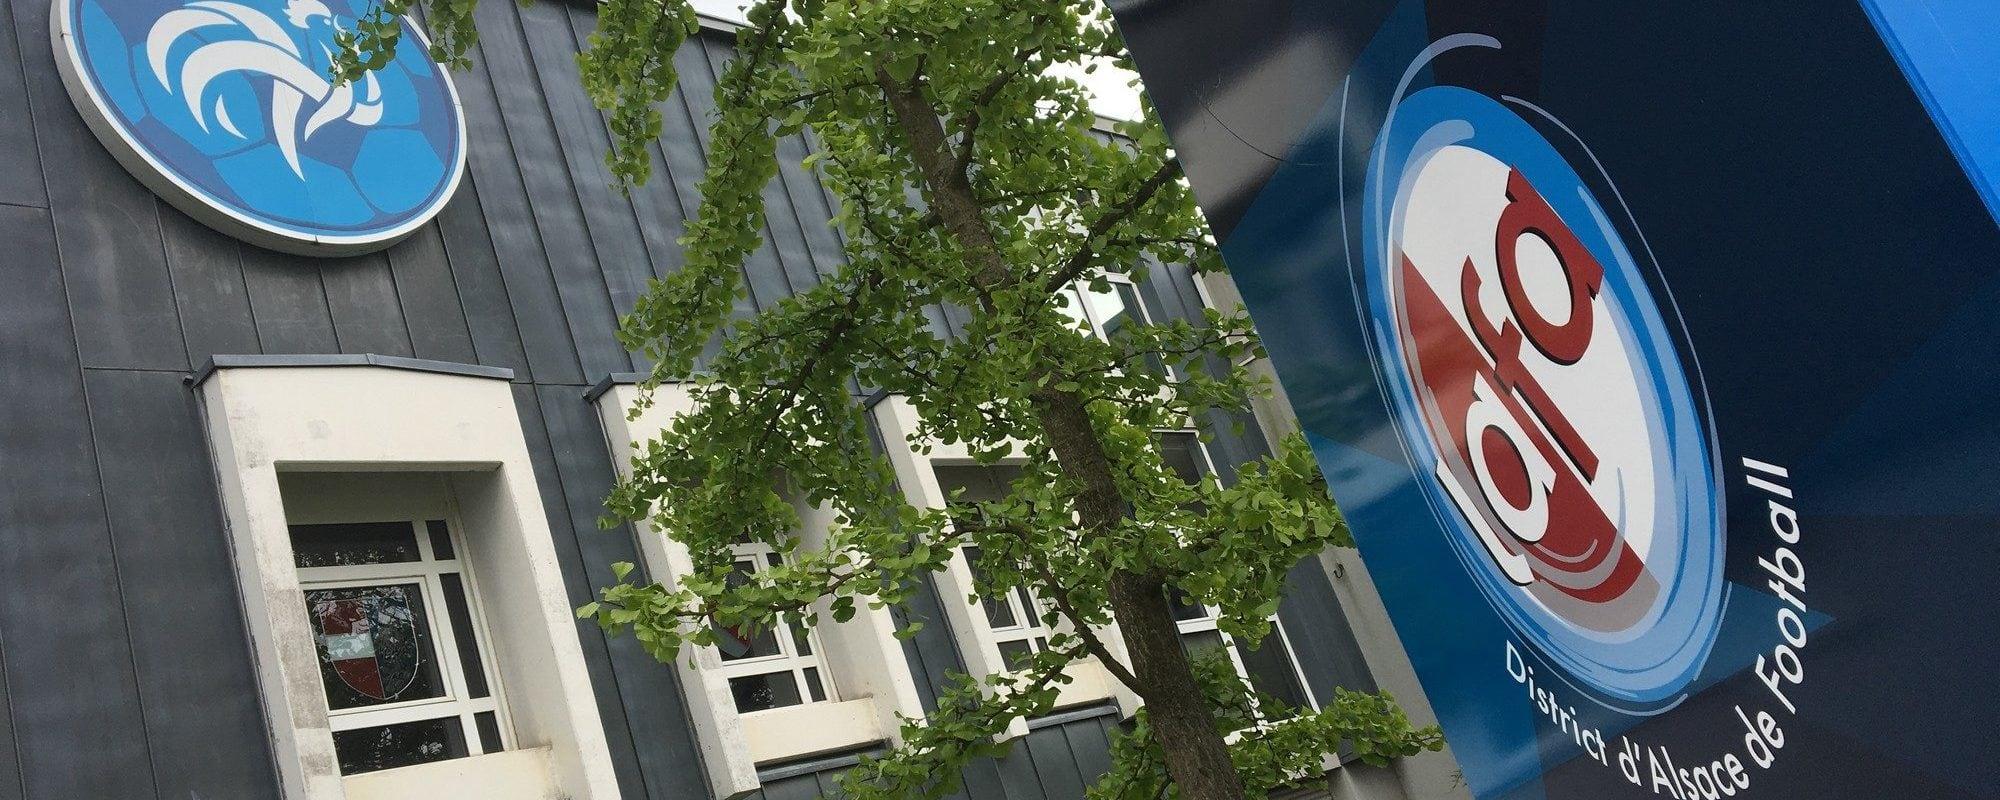 Agressions racistes à Mackenheim: une commission de discipline saisie